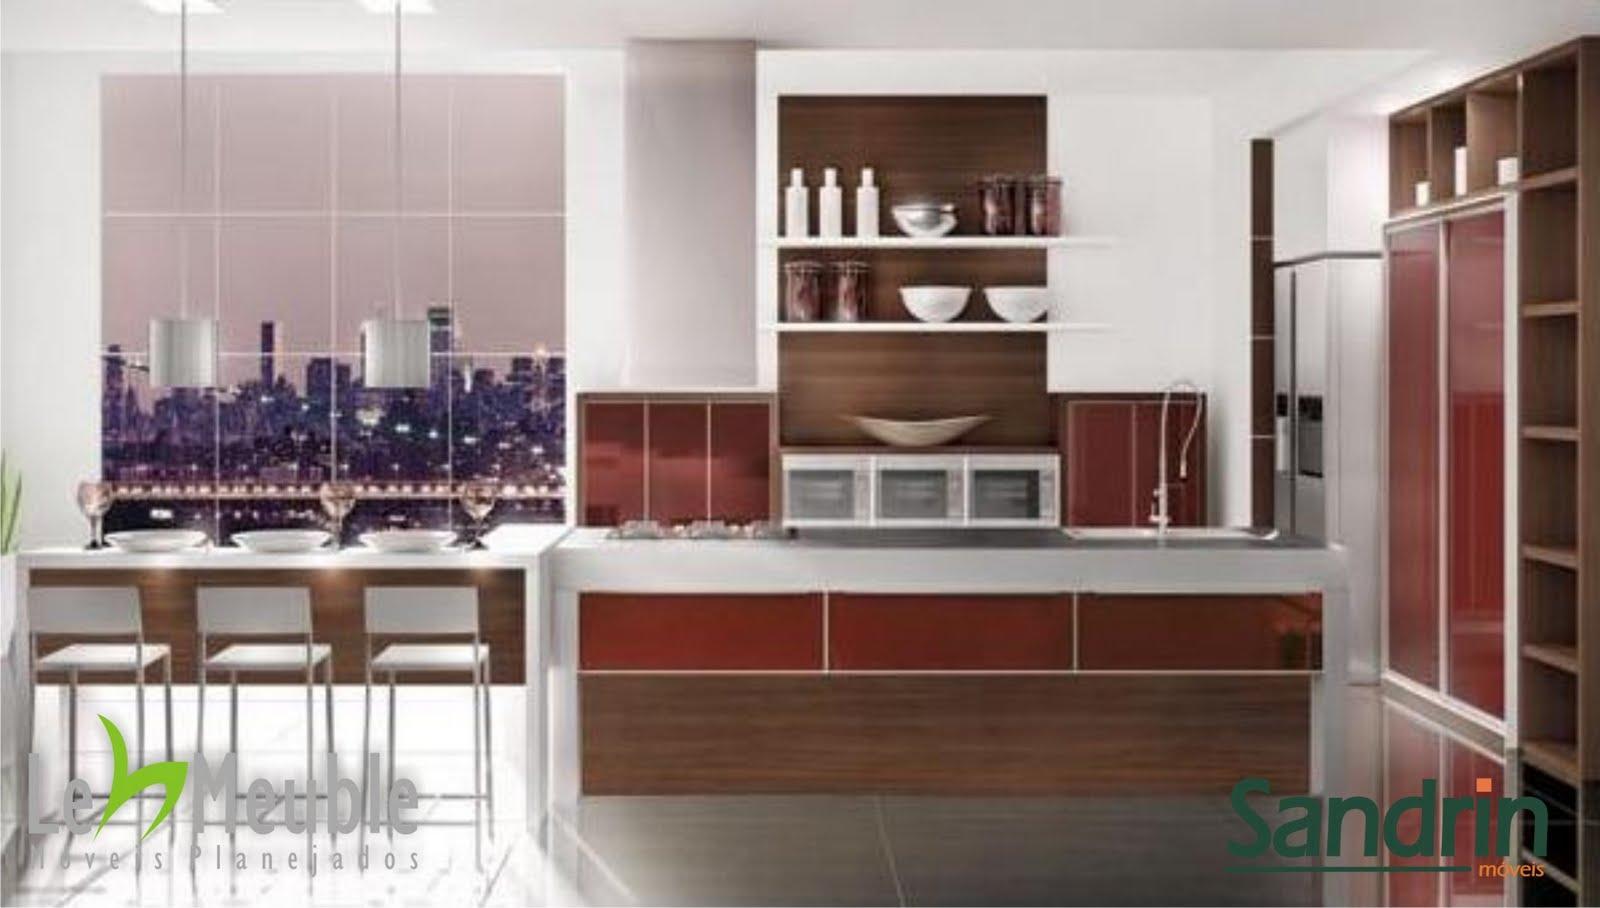 Cozinha corpo branco com envoltório terrarum e frentes branco  #75A922 1600 908